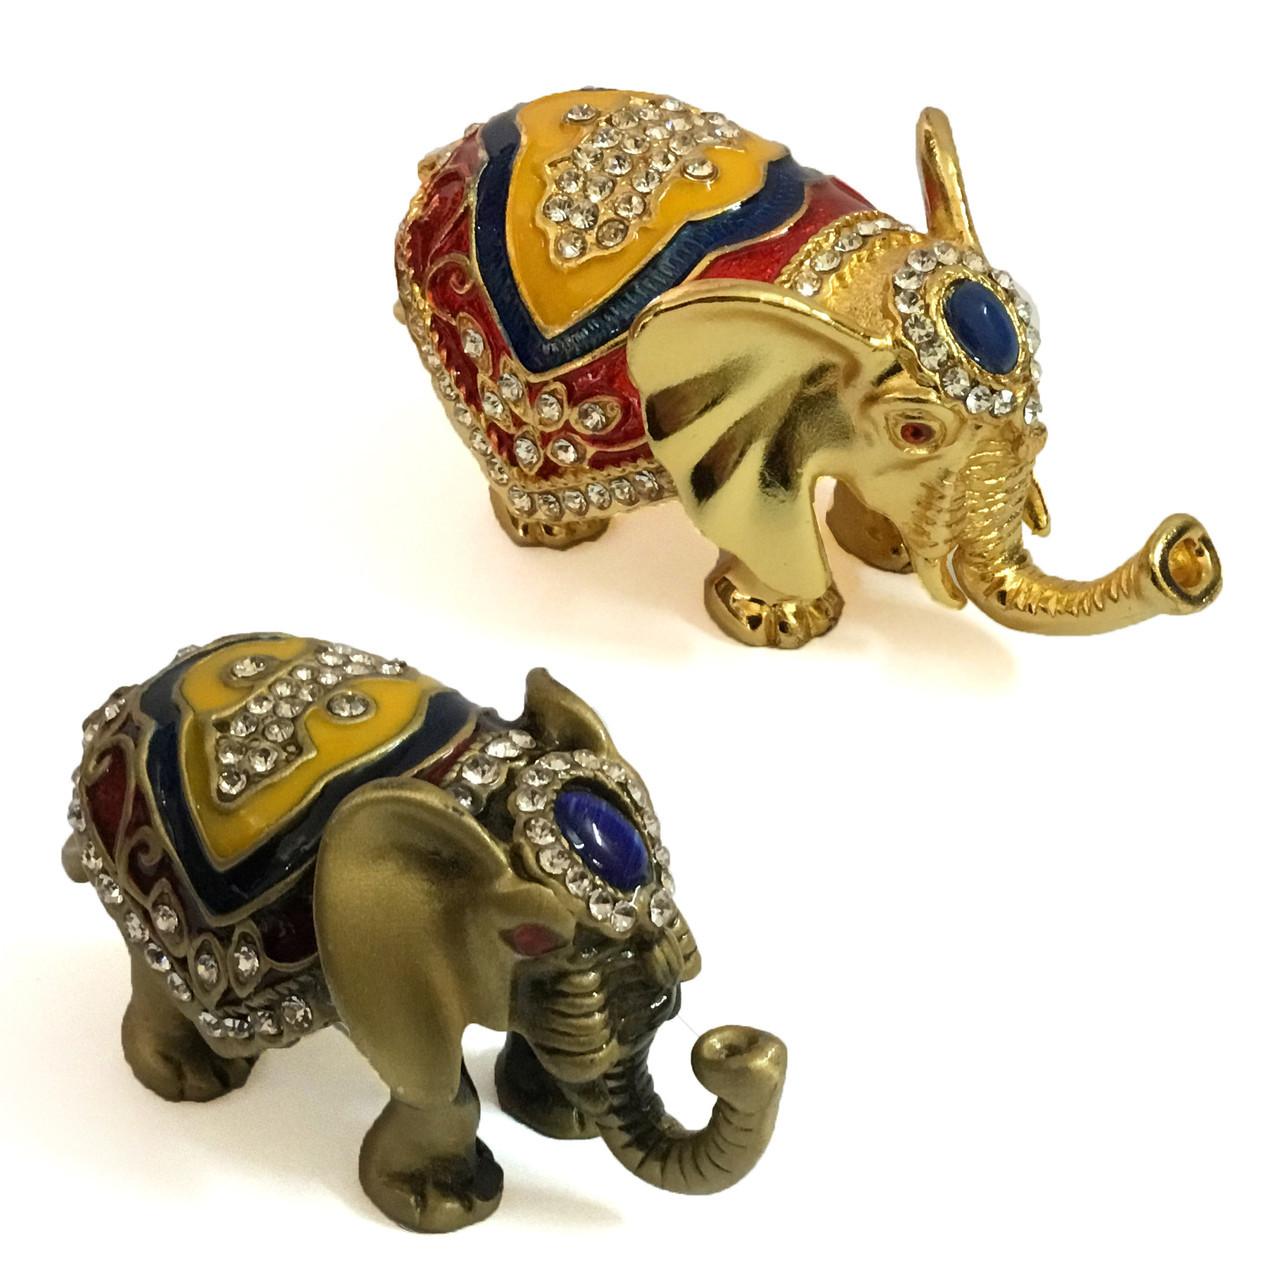 Шкатулка для ювелирных украшений Слон из металла